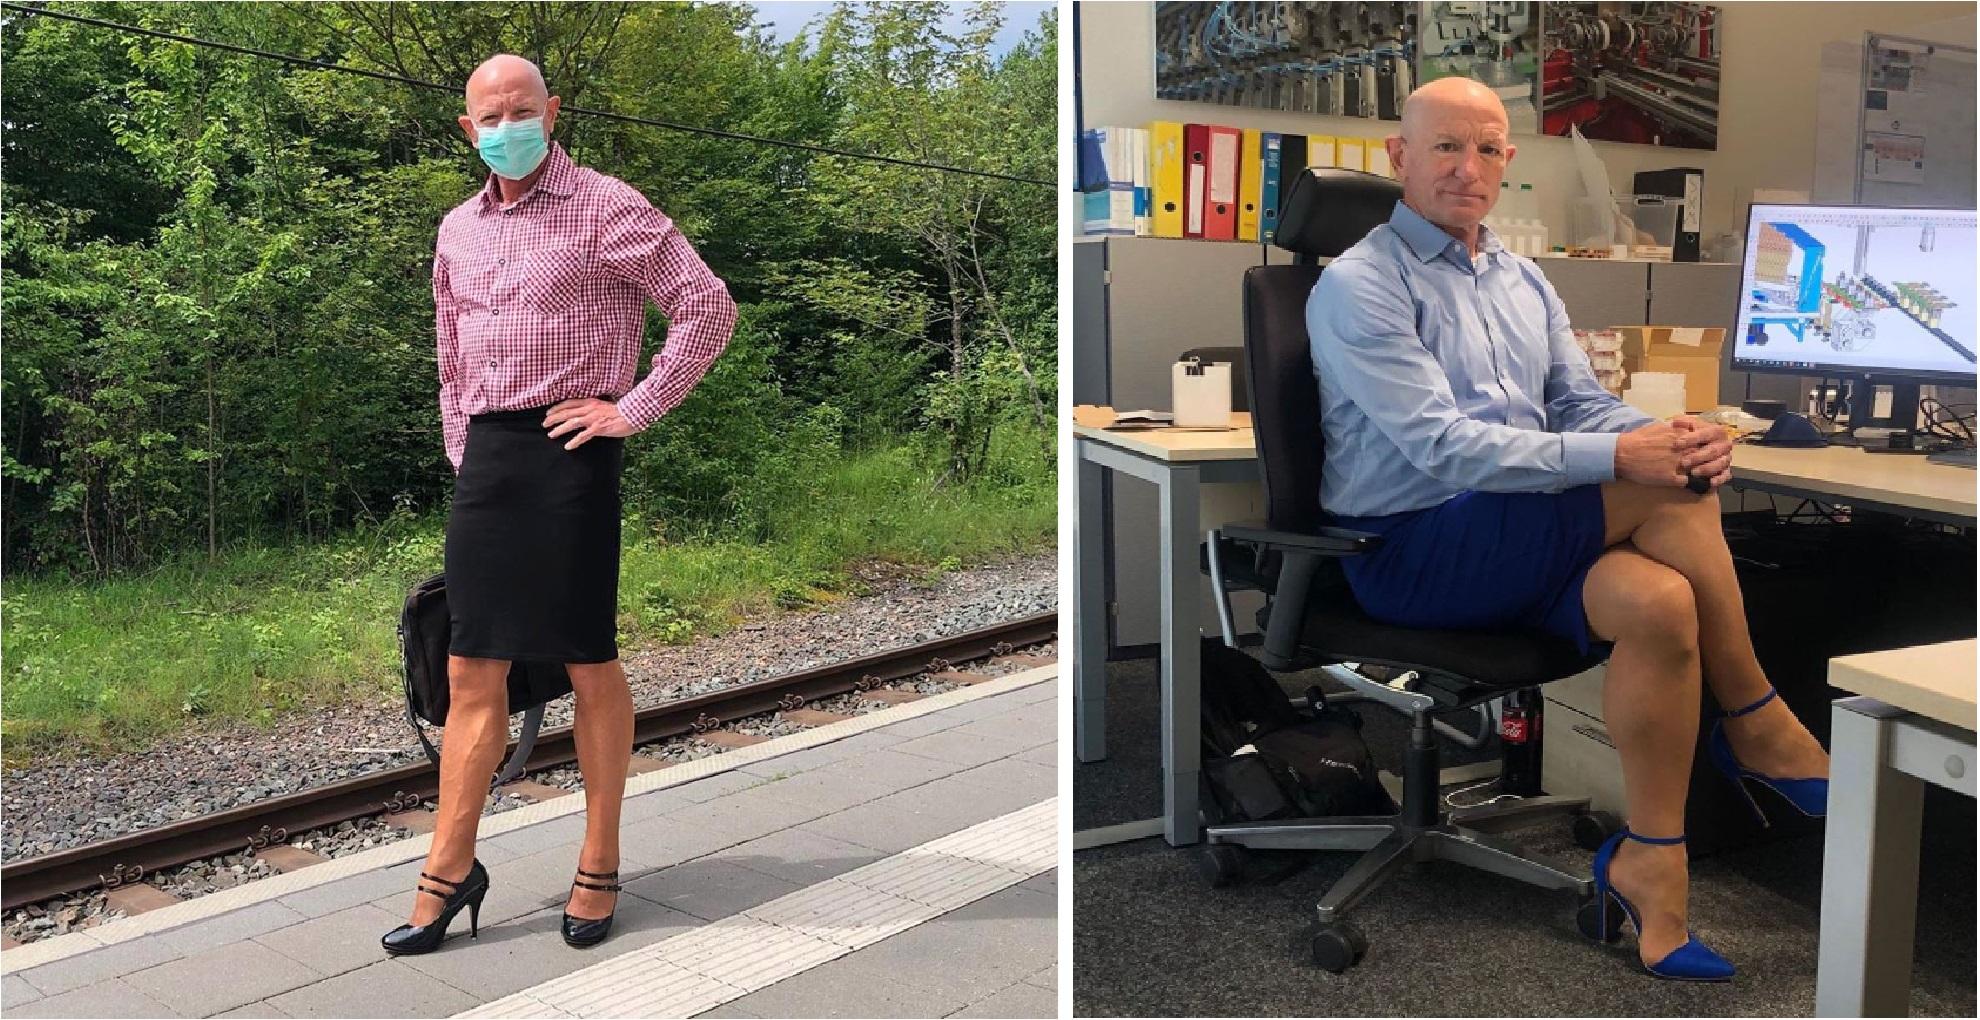 Para probar que la ropa no tiene género, Ingeniero casado y con hijos viste falda y tacones al trabajo